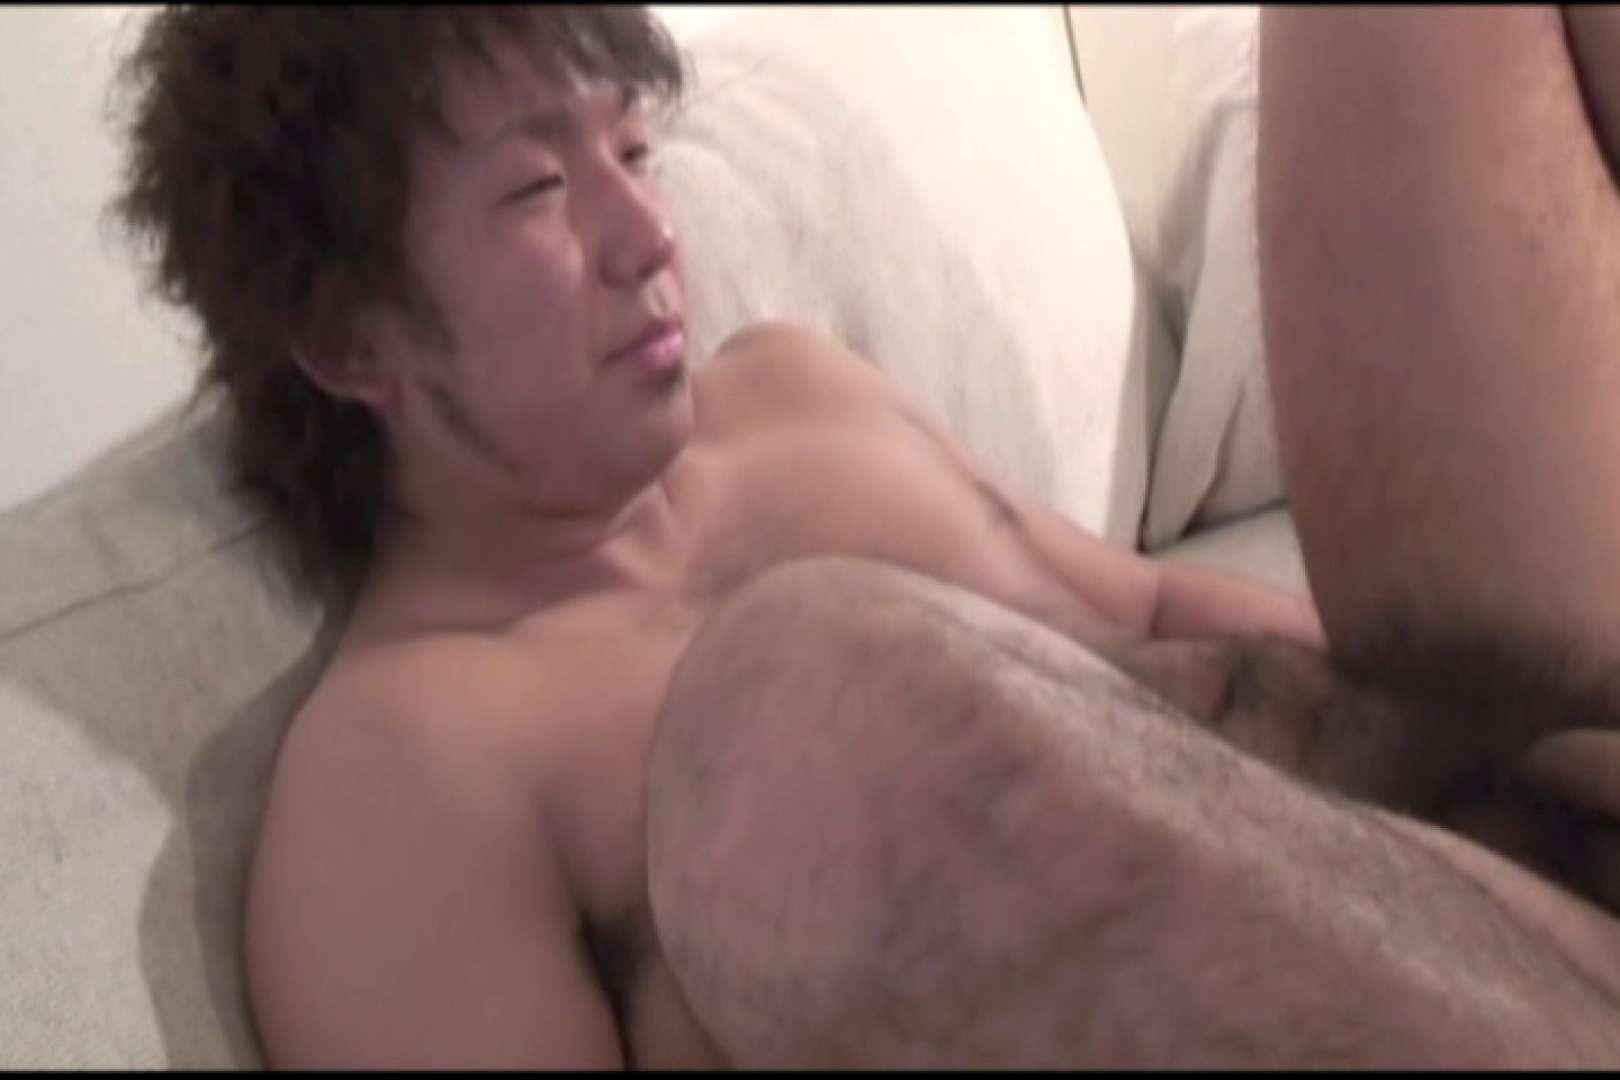 アヘ顔が最高!アナル中毒VOL.04 フェラ男子 | 手コキ  60連発 28